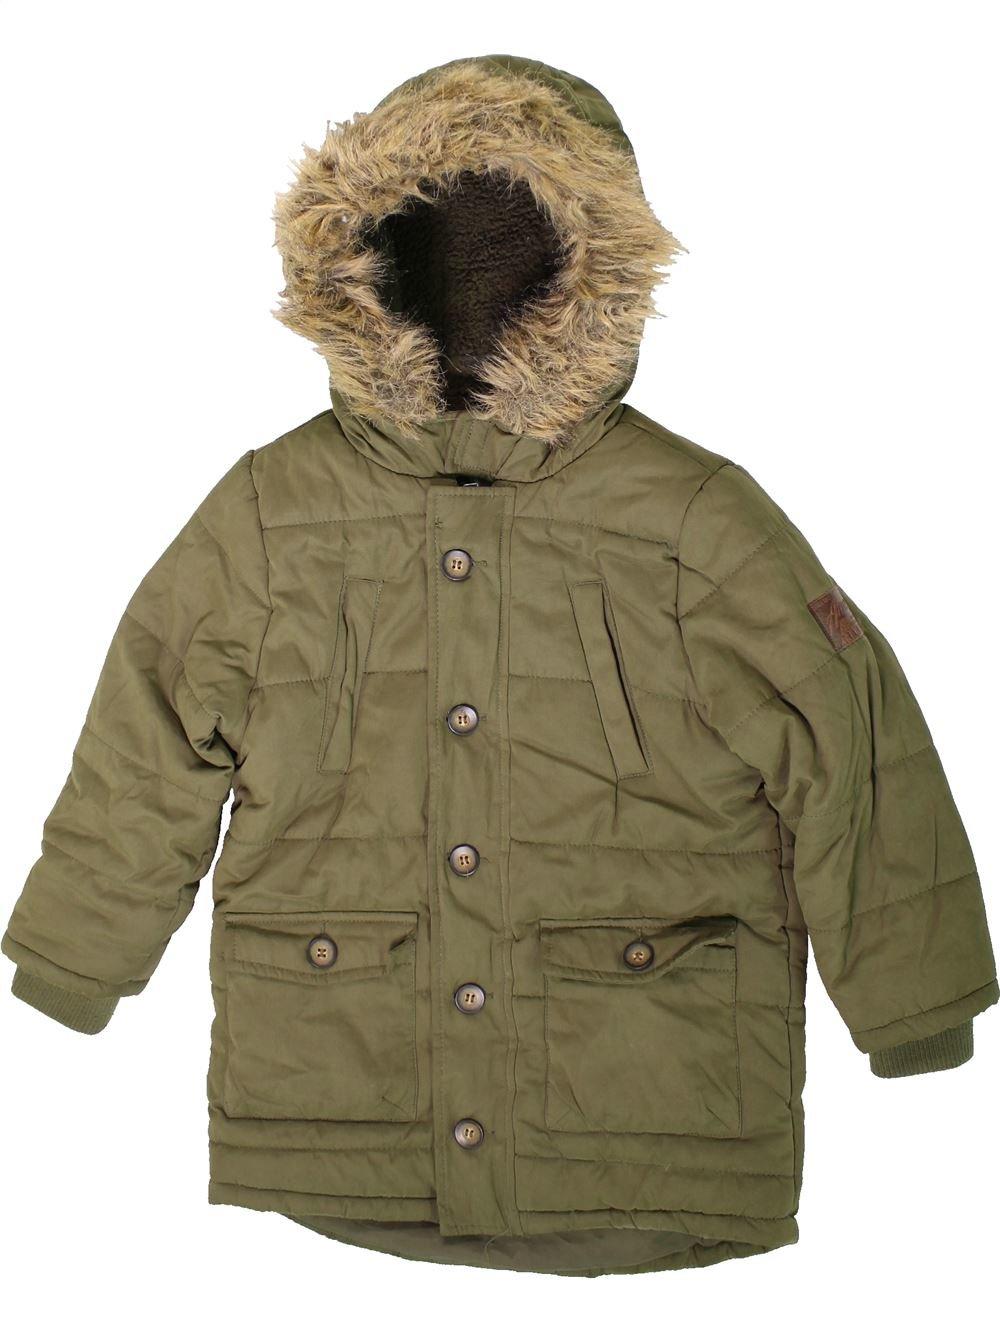 nouveau pas cher styles de variété de 2019 fournir beaucoup de Manteau Garçon KIABI 6 ans pas cher, 14.19 € - #1355445